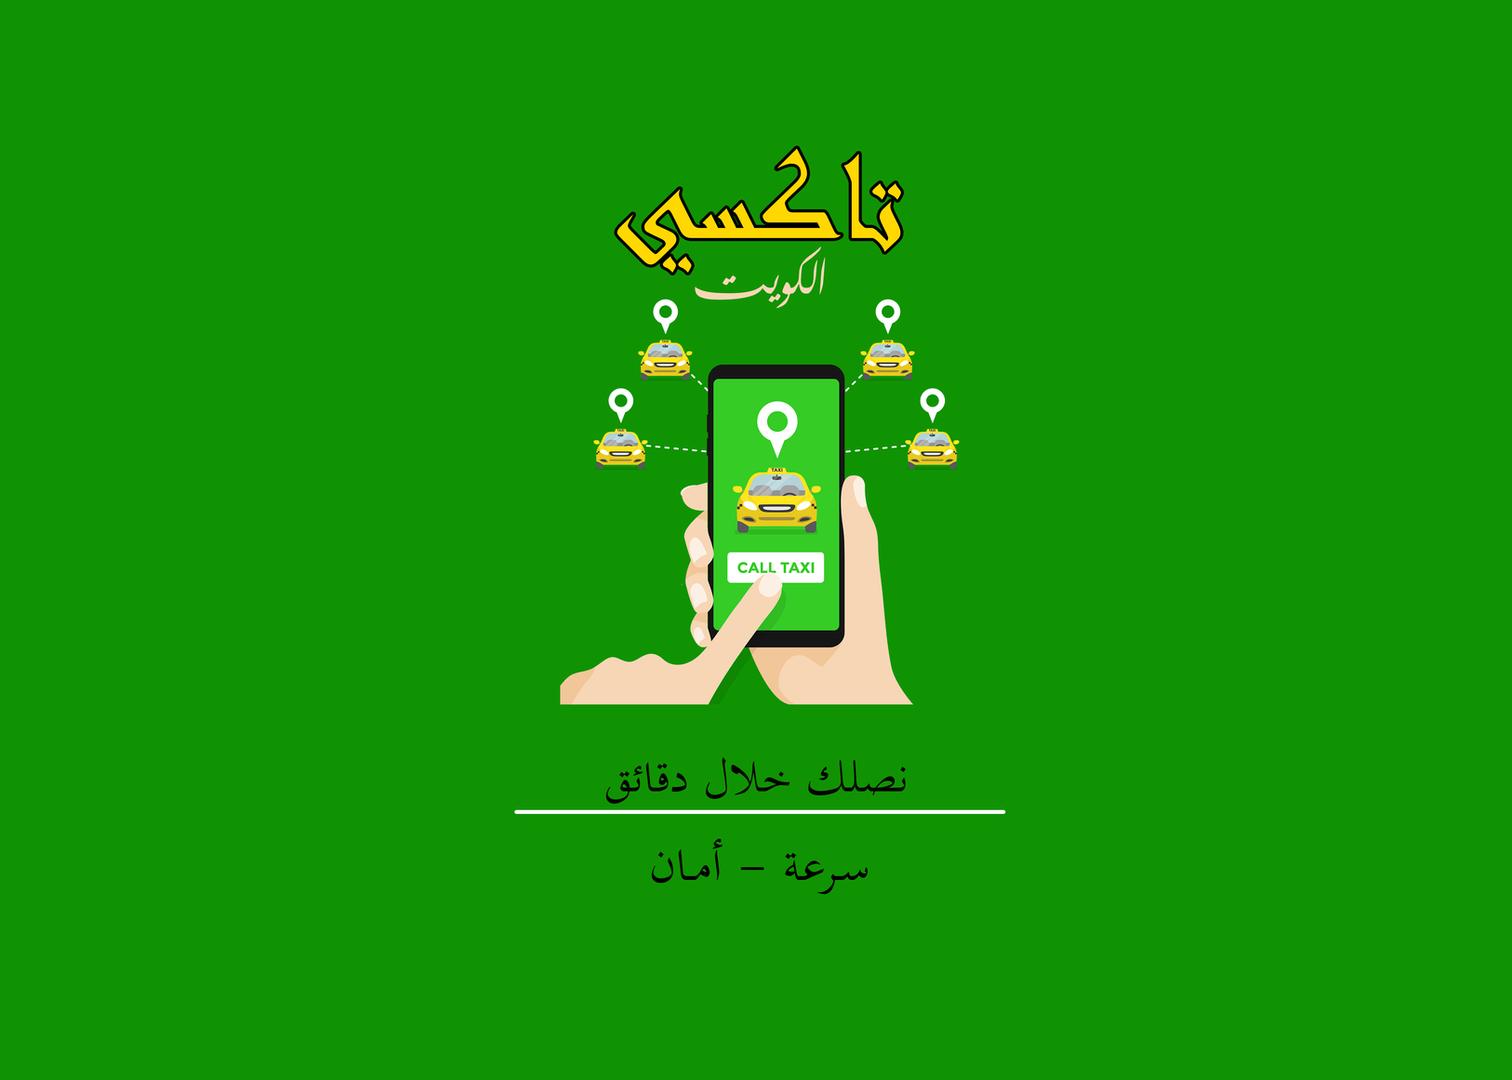 تاكسي الكويت